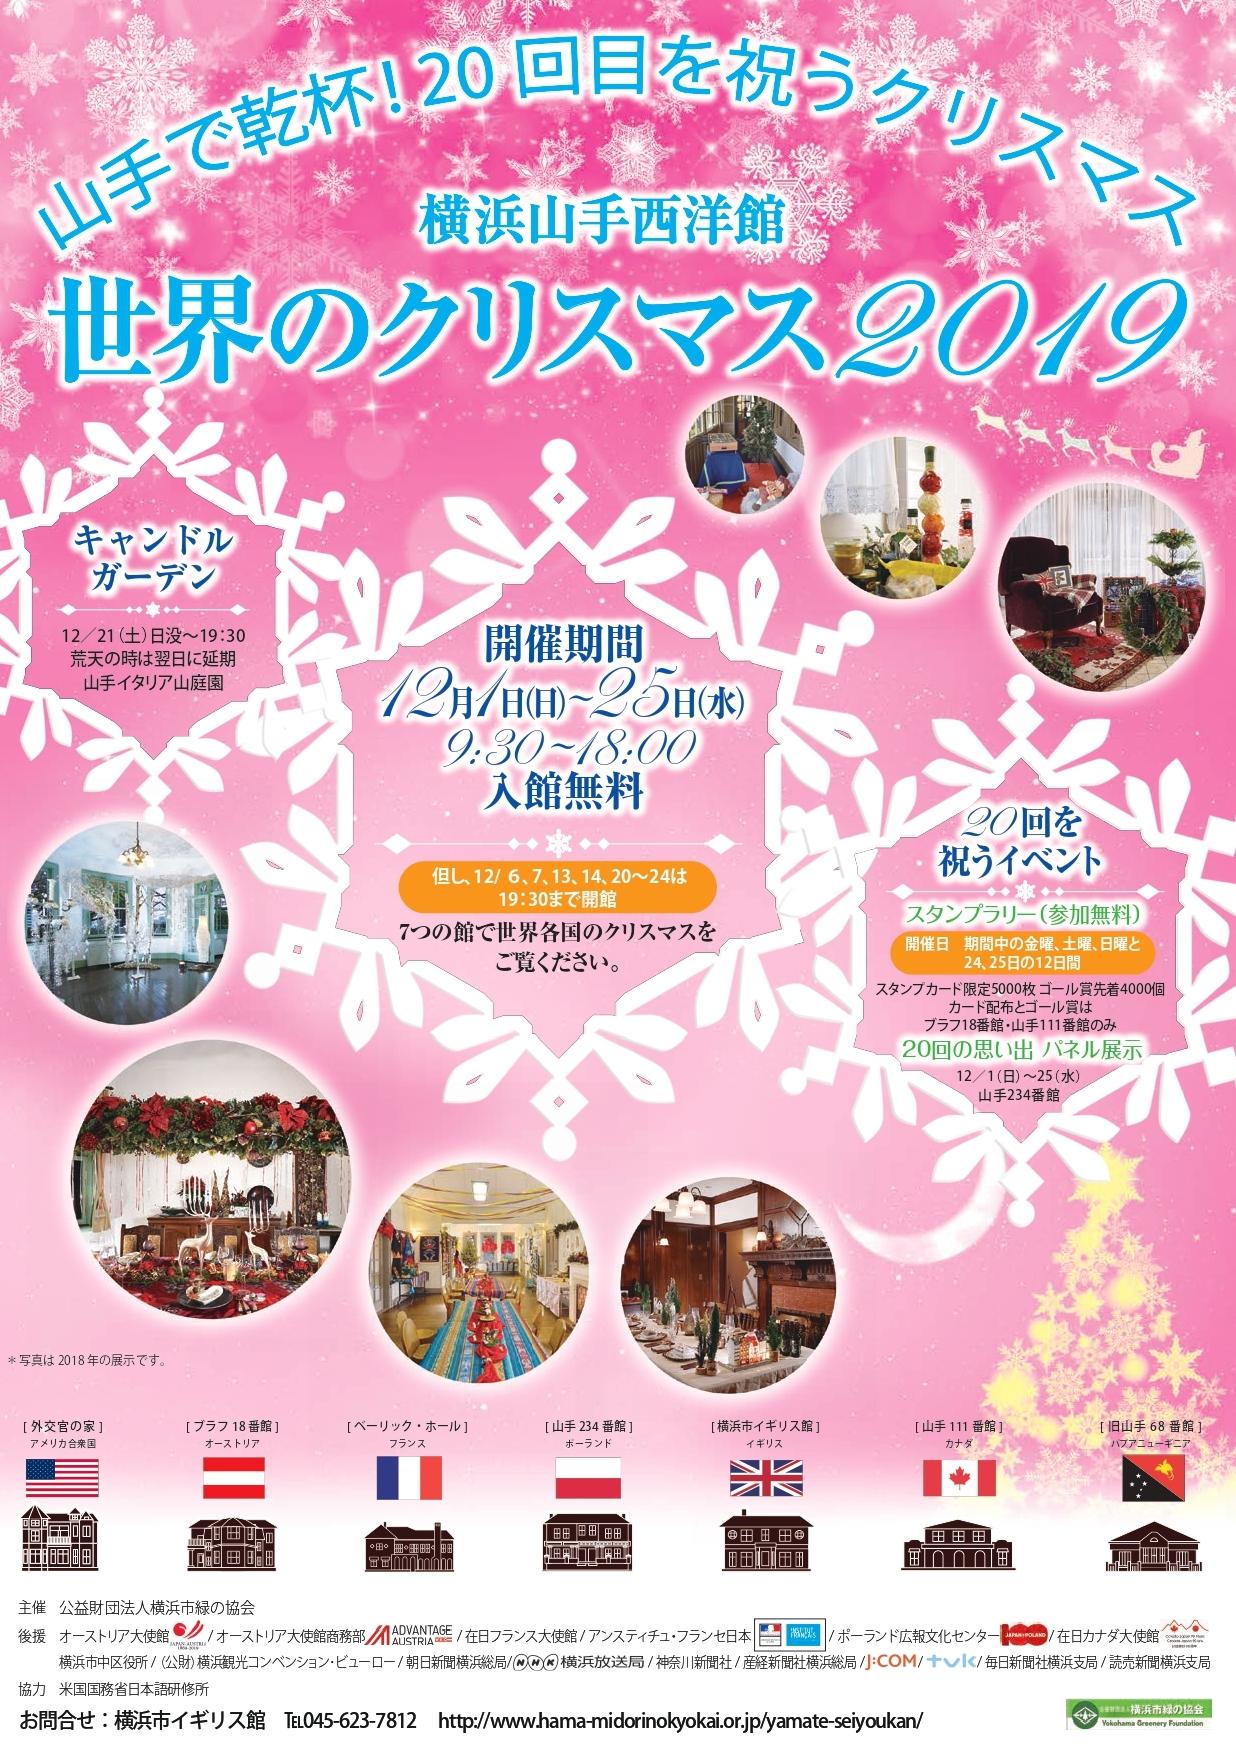 横浜手西洋館で「世界のクリスマス2019」イルミネーション&キャンドルガーデン